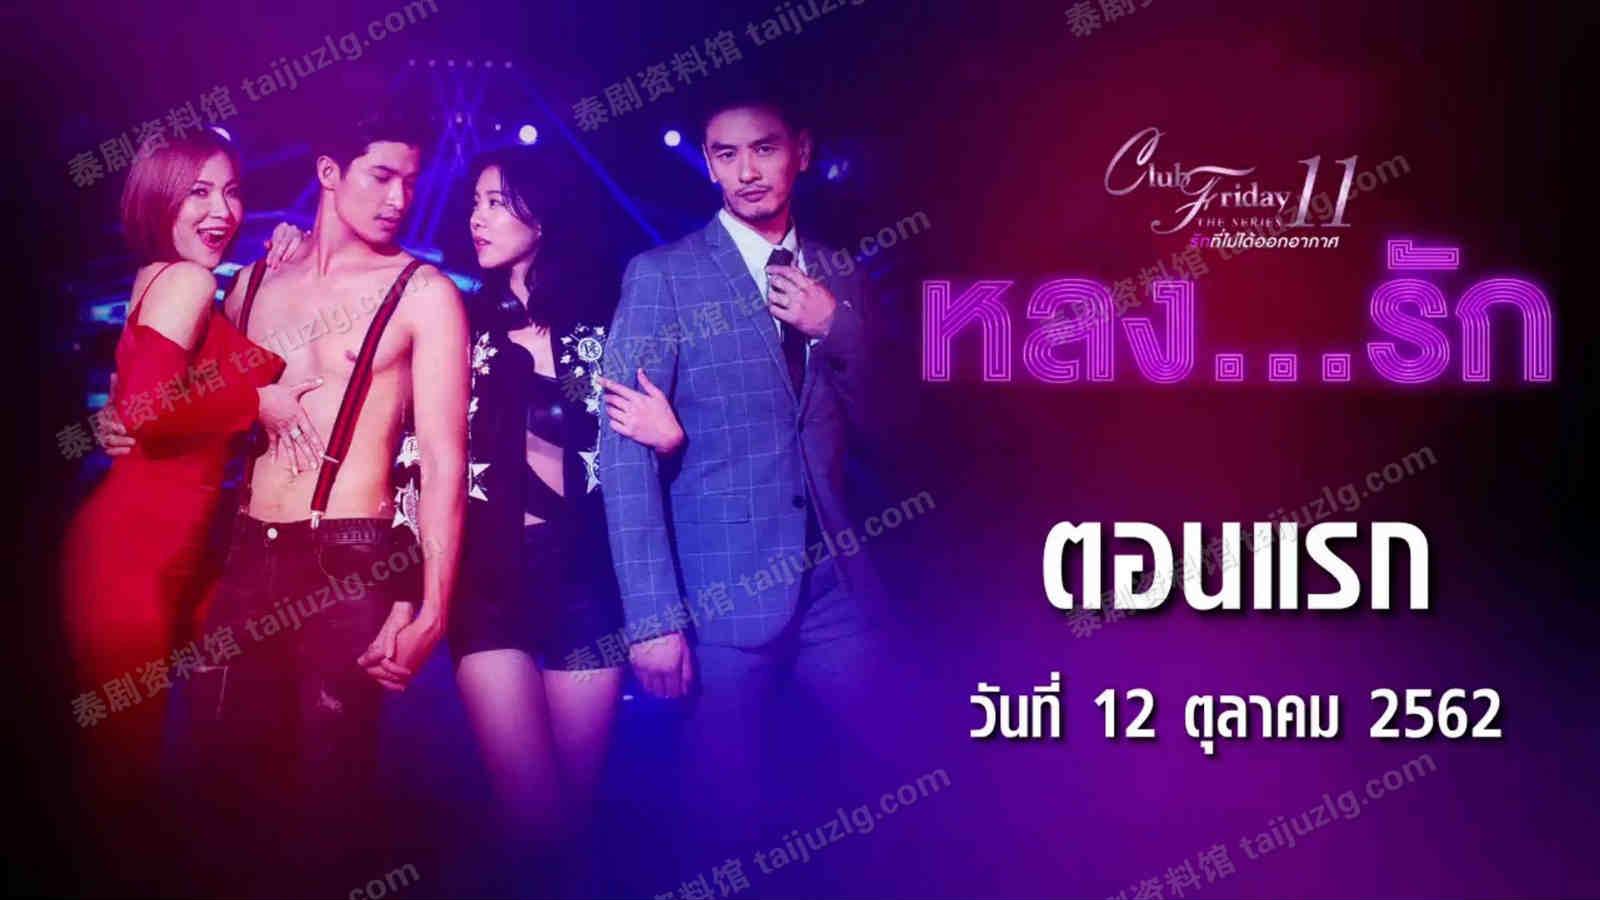 【泰剧下载】2019《Club Friday The Series 11 - 迷恋》(4集完结)Toomtam&Cris 百度云